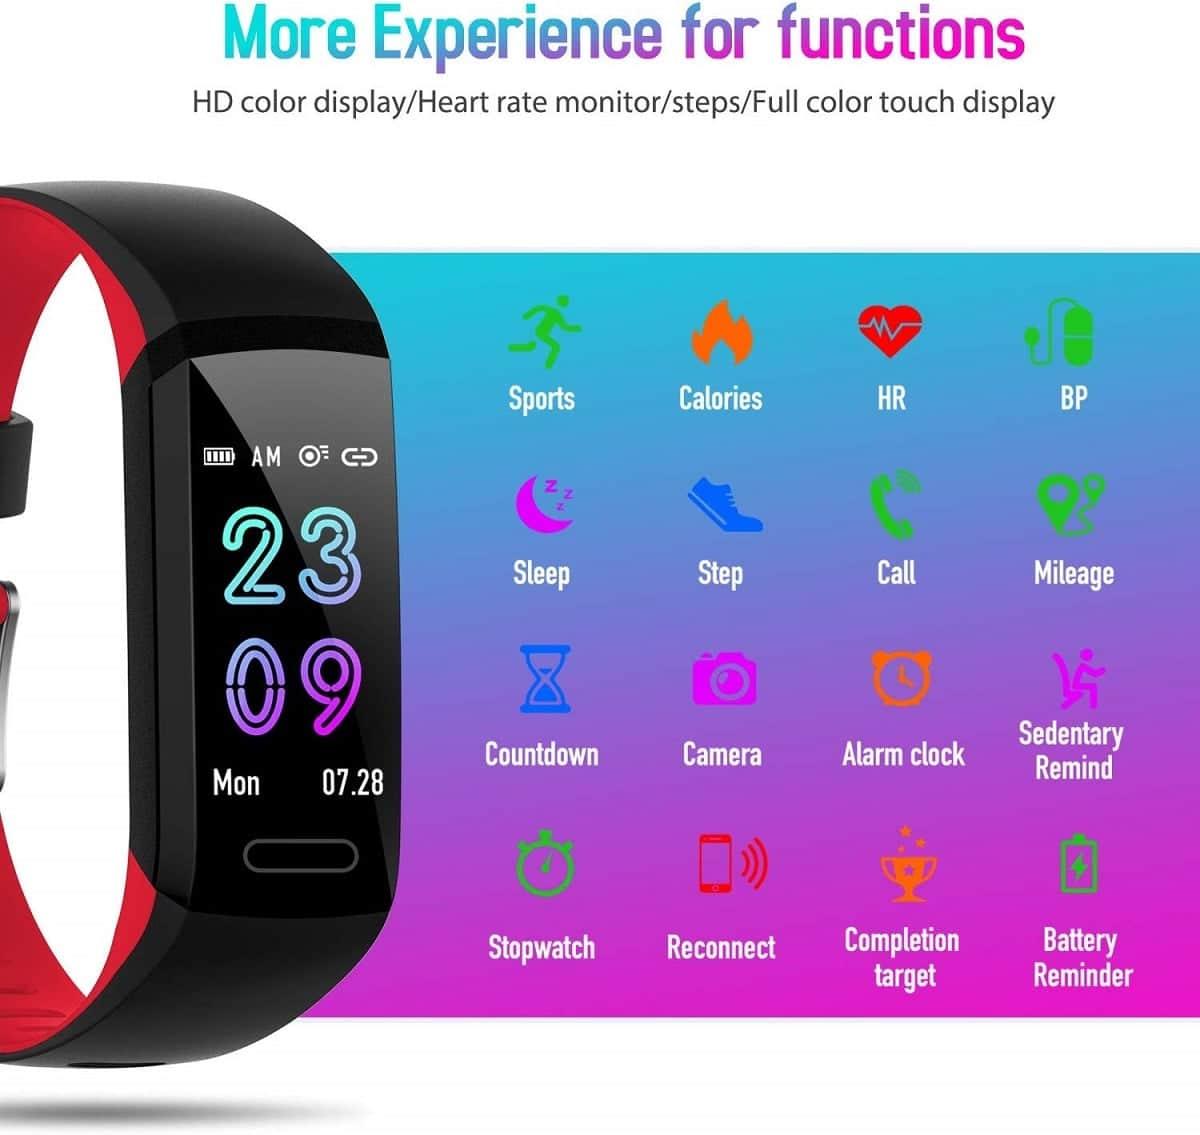 ekrist fitness tracker 2 image